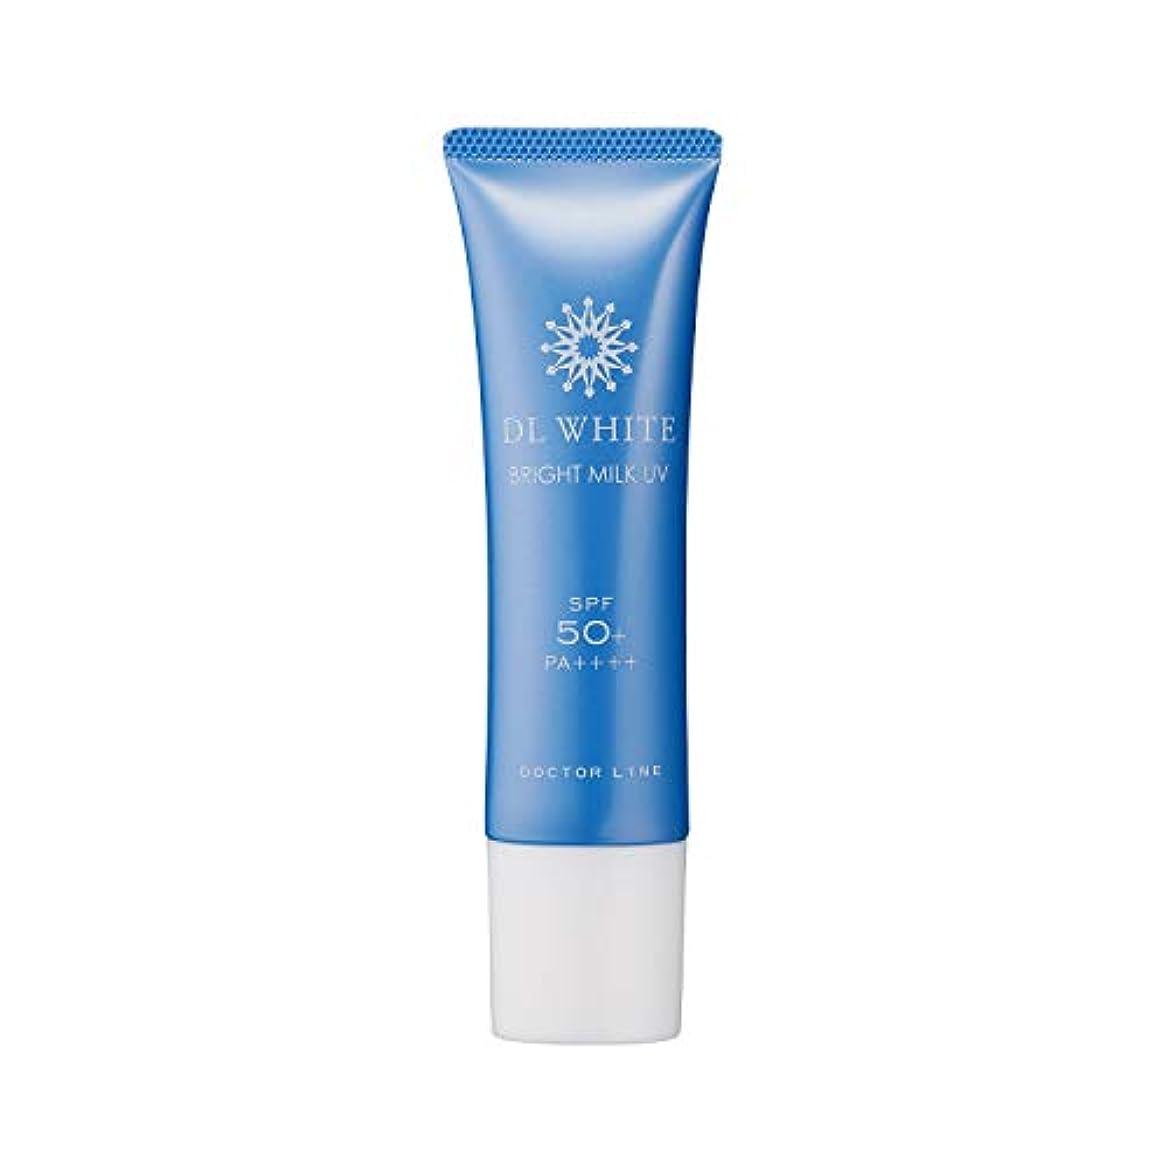 区かすれたぼかしドクターライン(Doctor Line) DLホワイト ブライトミルク UV(SPF50+ PA++++) 30g